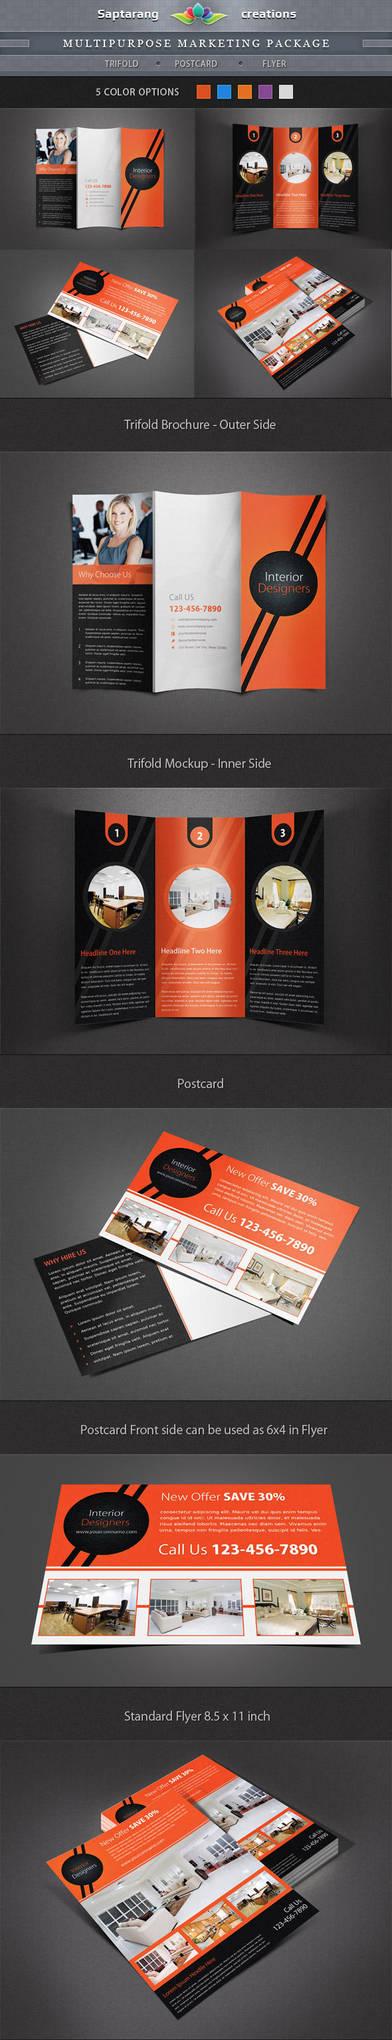 Multipurpose Marketing Package by Saptarang